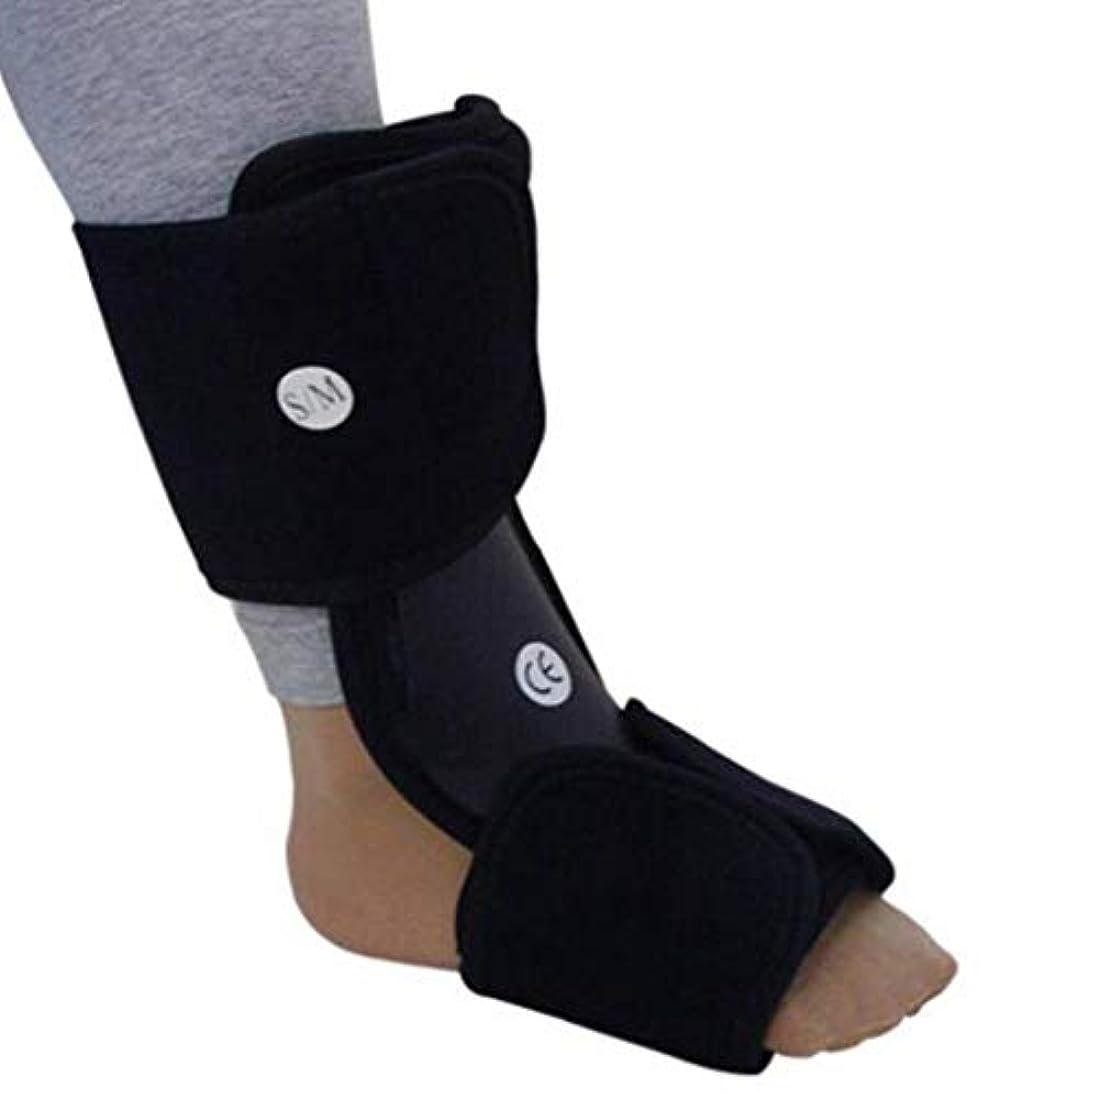 足首レッグストラップサポート足装具補正足底スプリント固定プロテクター足首の痛みを軽減し、捻rainを復元 (Size : S)